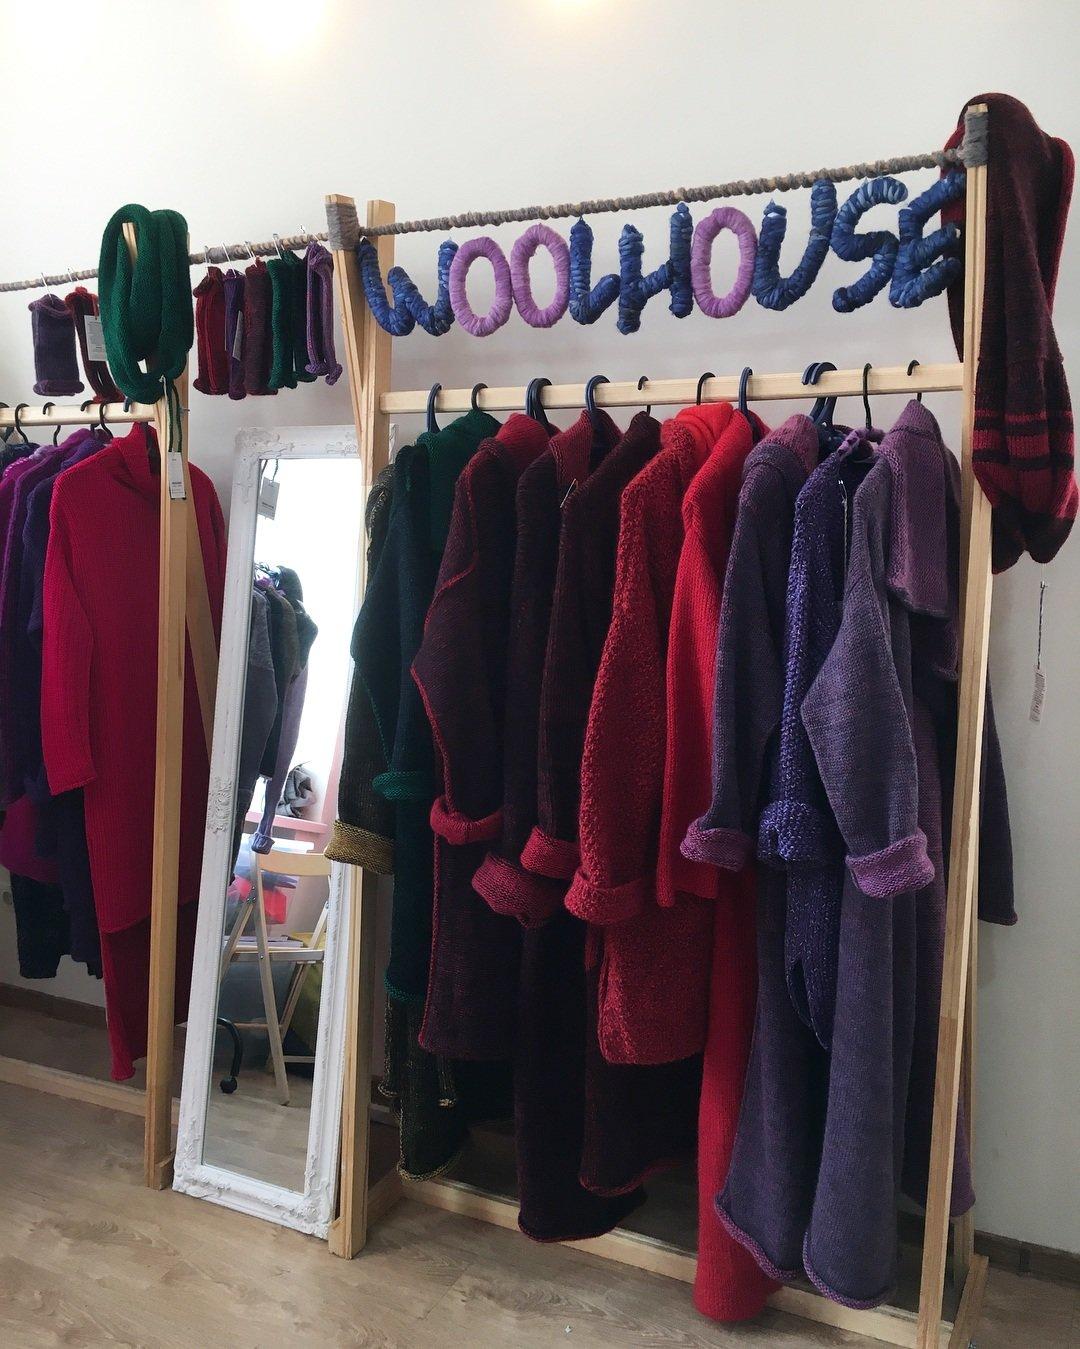 «Я вяжу уже более 50 лет и до сих пор засиживаюсь ночами со спицами» – мастерица из Днепра о вязании, семейном бренде и знаменитых клиентах, фото-11